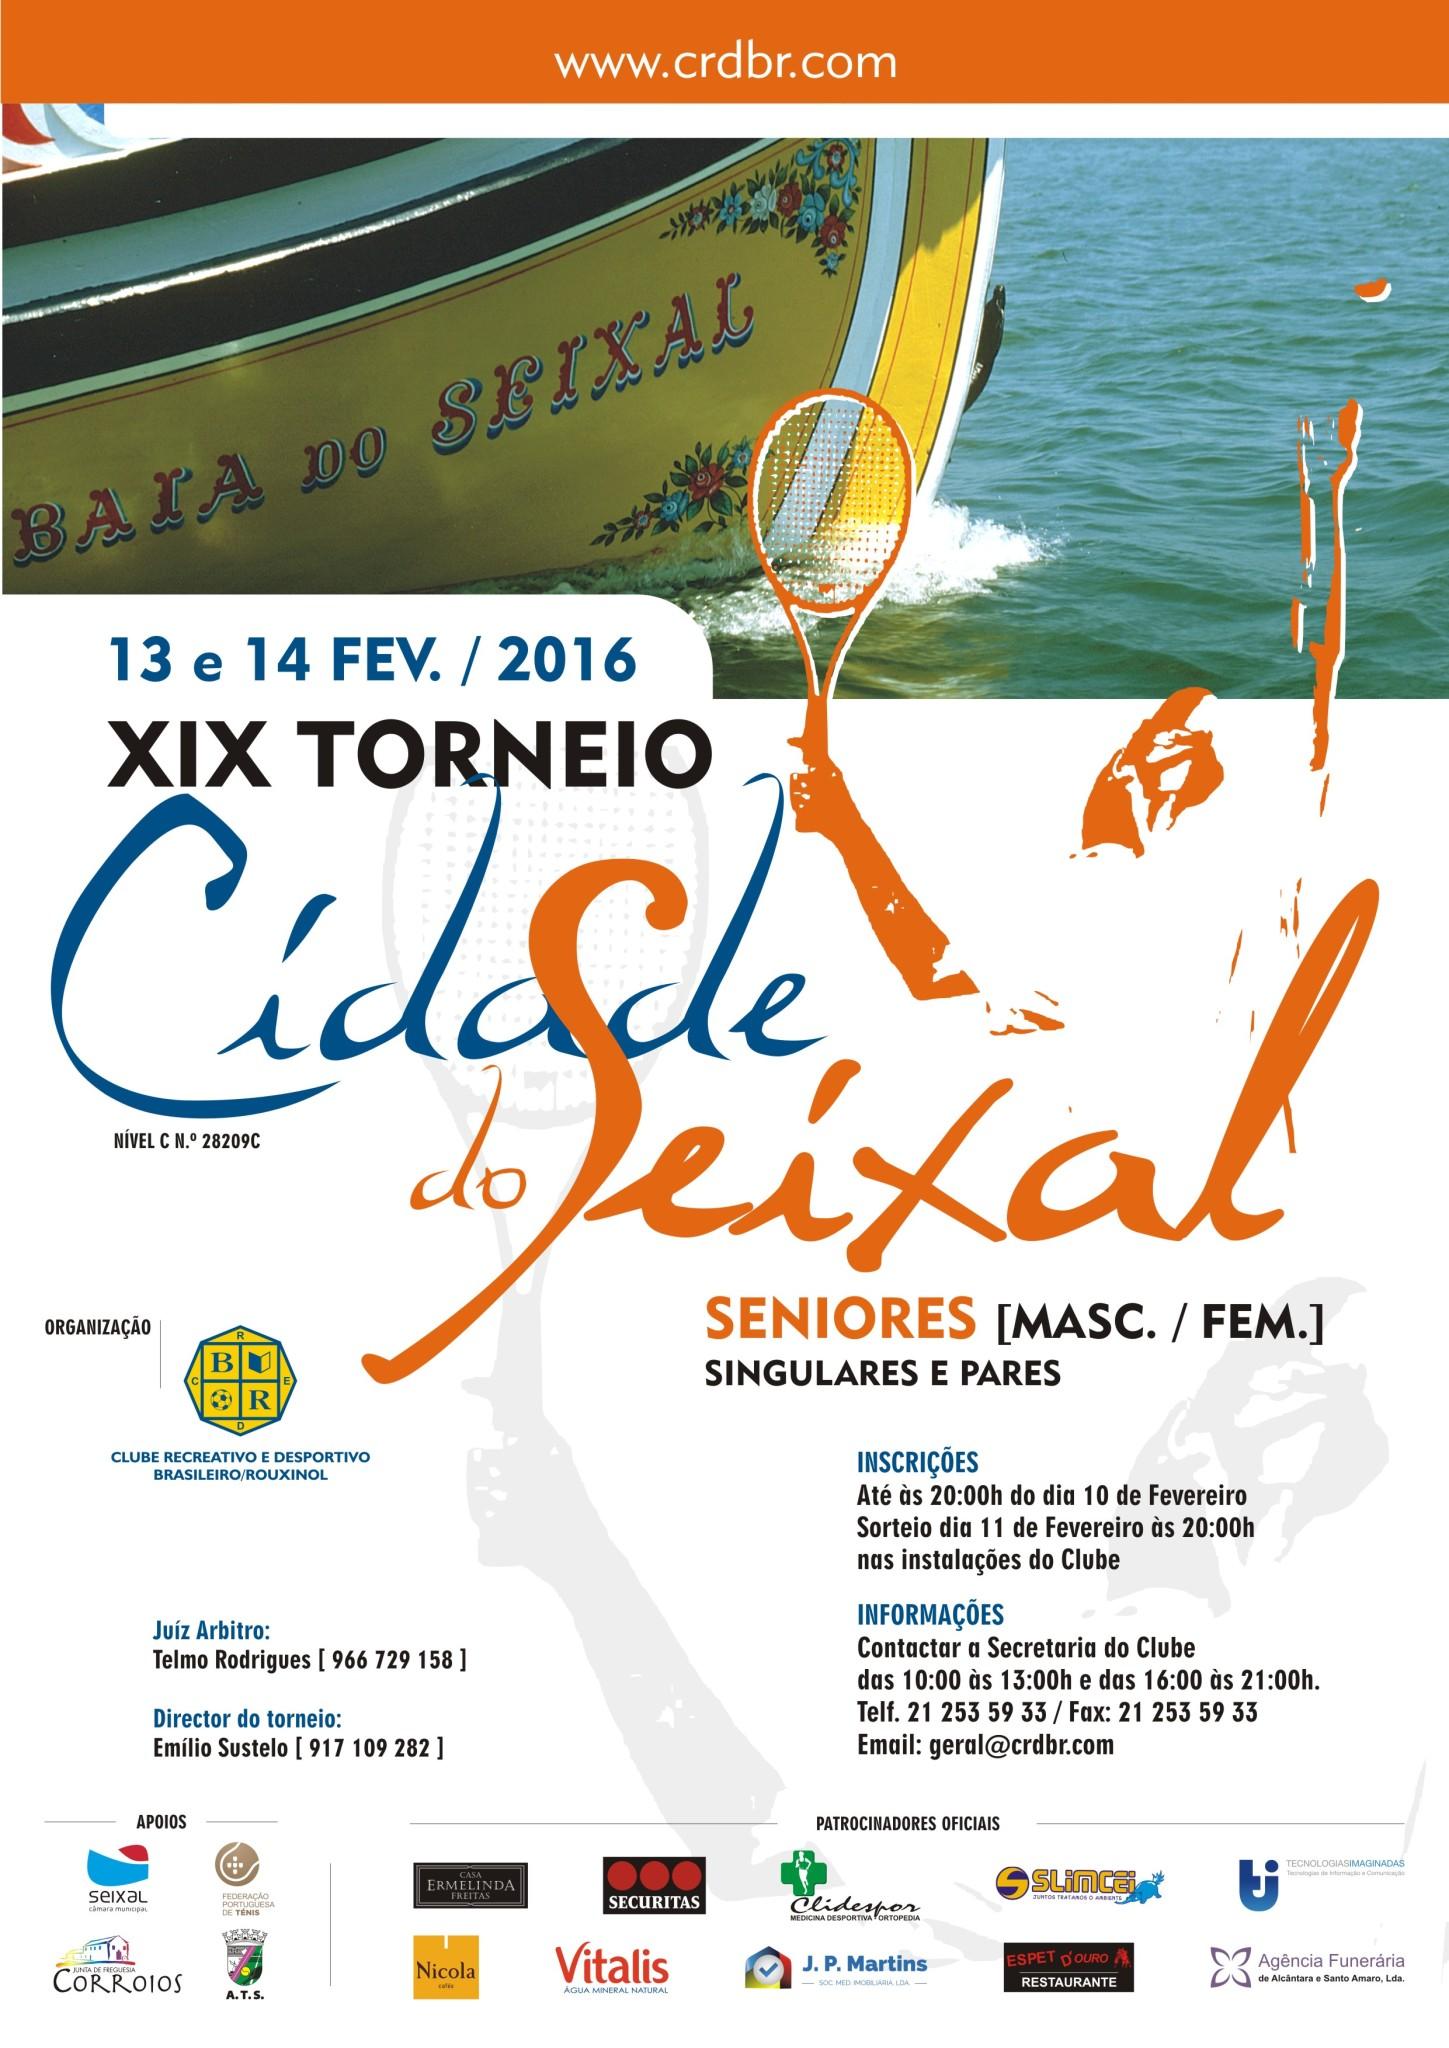 Cartaz Torneio Cidade do Seixal 2016 New